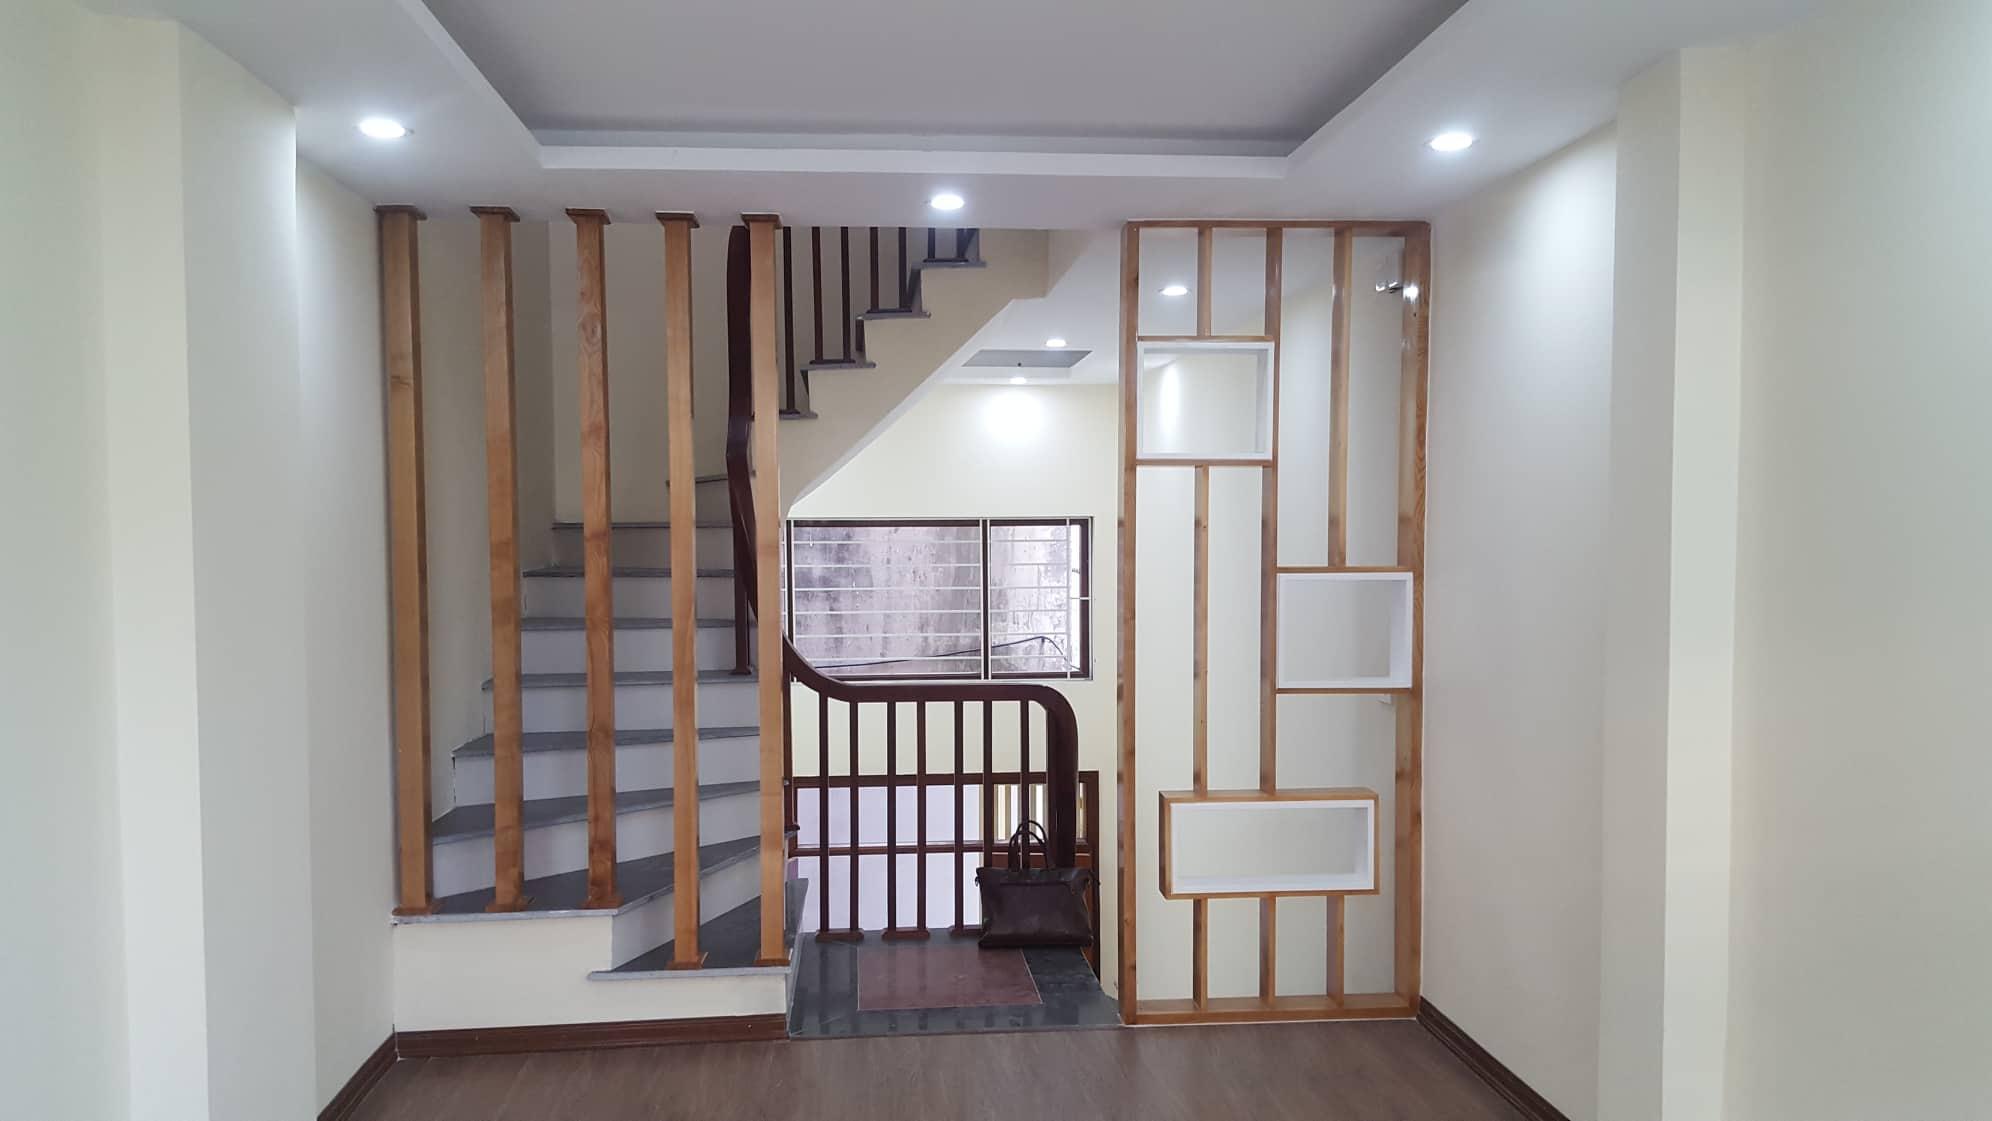 Bán nhà phố Kim Giang, Q.Hoàng Mai, nhà mới, 35m2, 2.9 tỷ, an ninh, yên tĩnh.